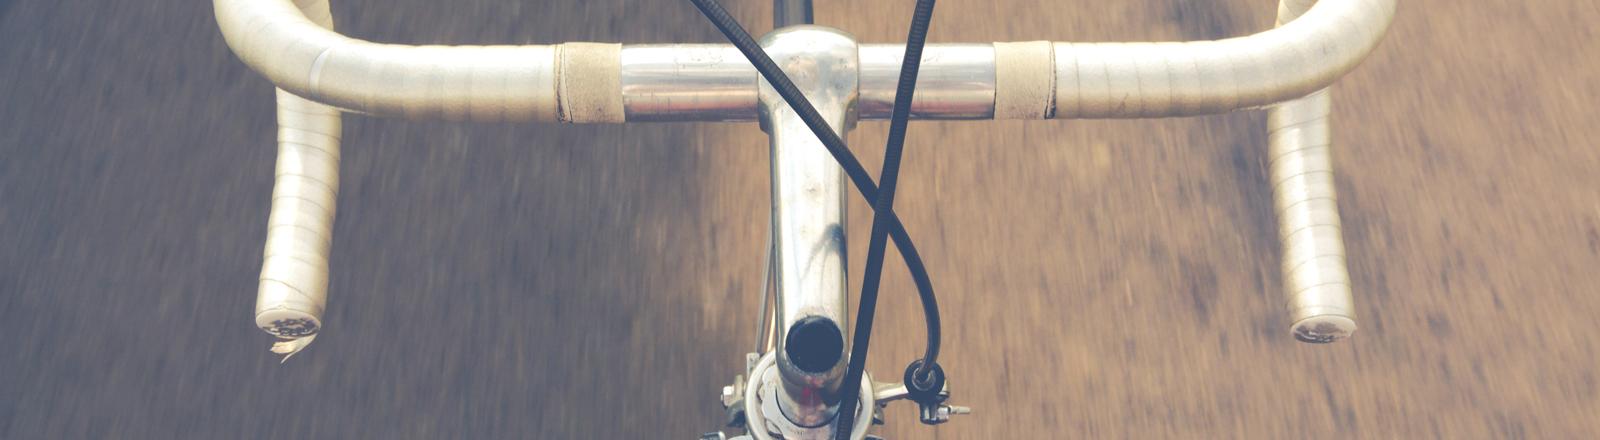 Der Lenker eines Fahrrads